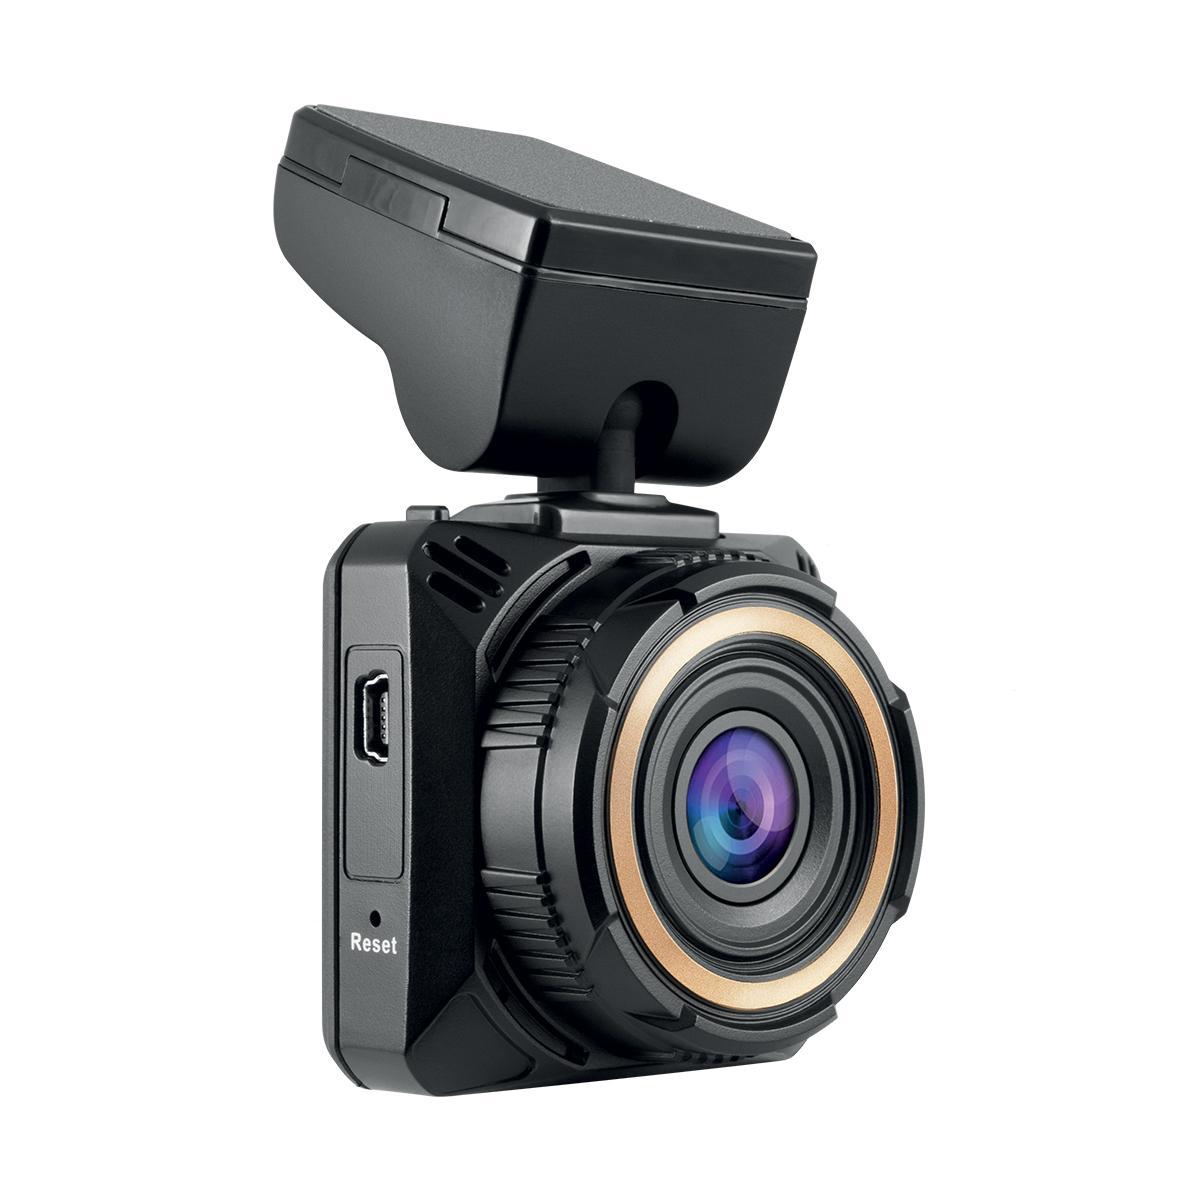 Caméra de bord NAVR600QHD NAVITEL NAVR600QHD originales de qualité